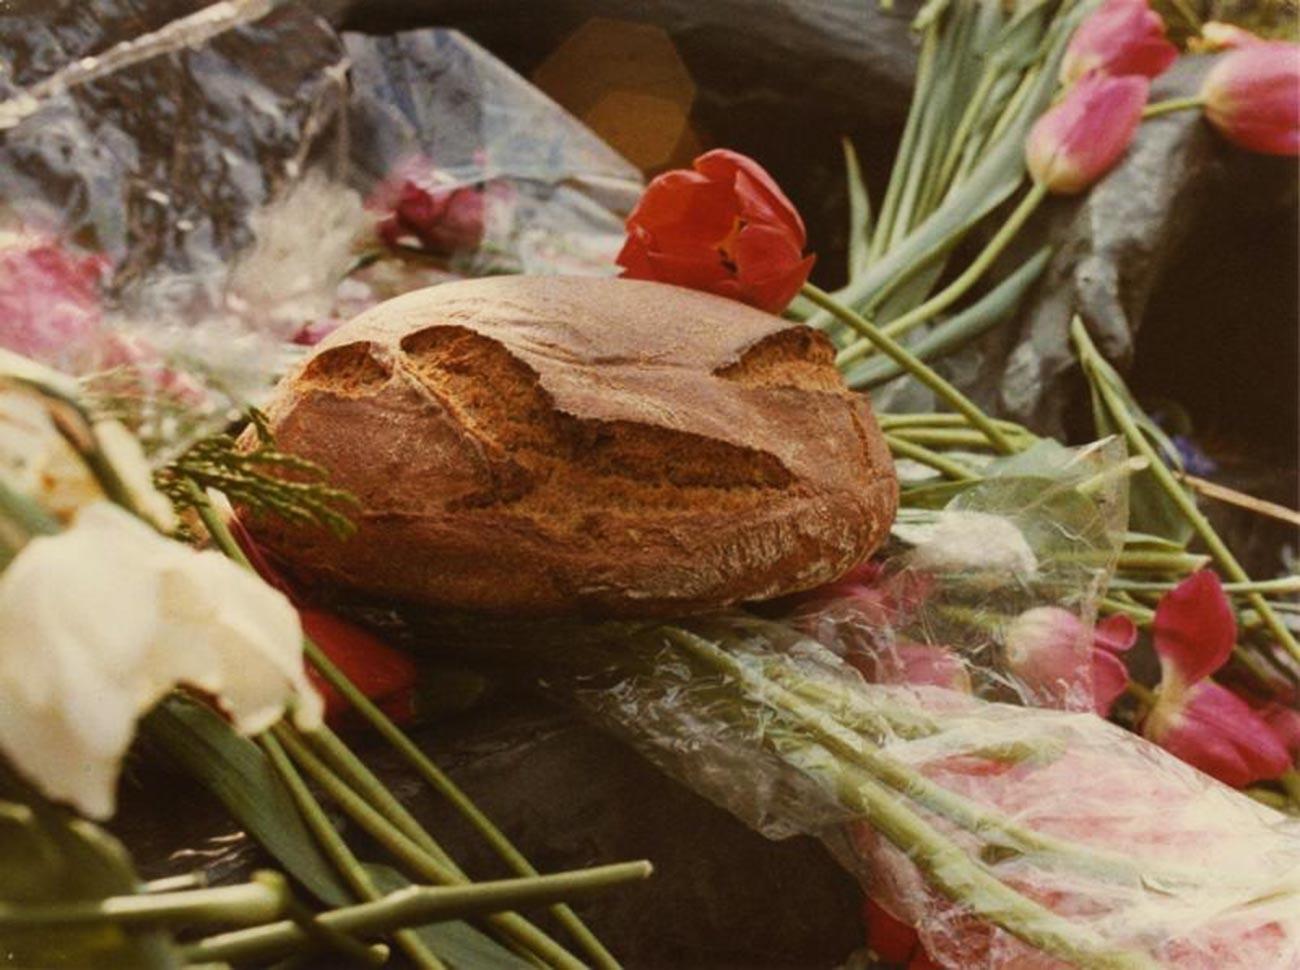 Si vous souhaitez prendre une photo de pain aguicheuse, placez la miche sur un lit de fleurs. (années 1970)